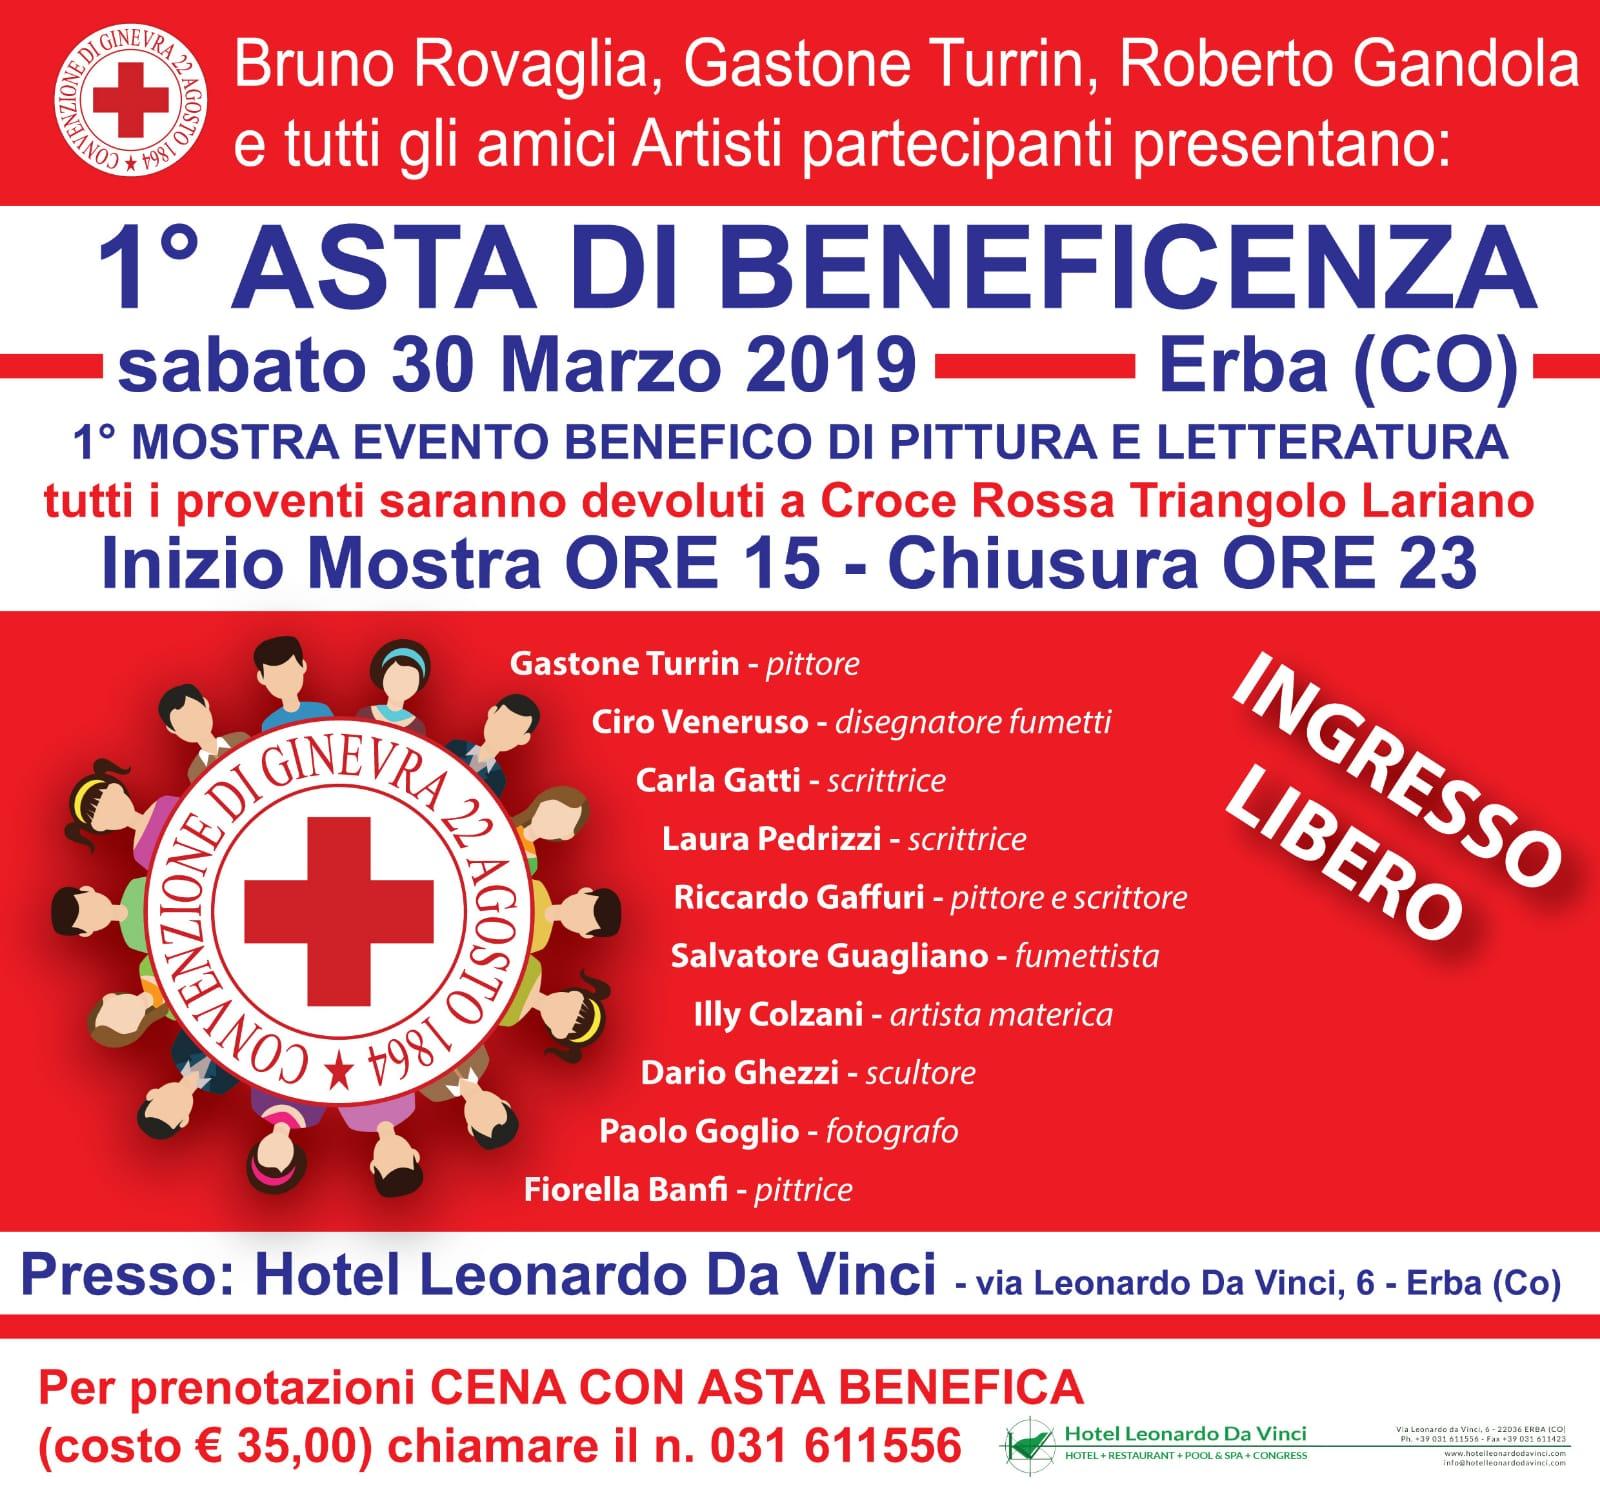 Erba (CO) – 1a Asta di beneficenza della Croce Rossa Italiana